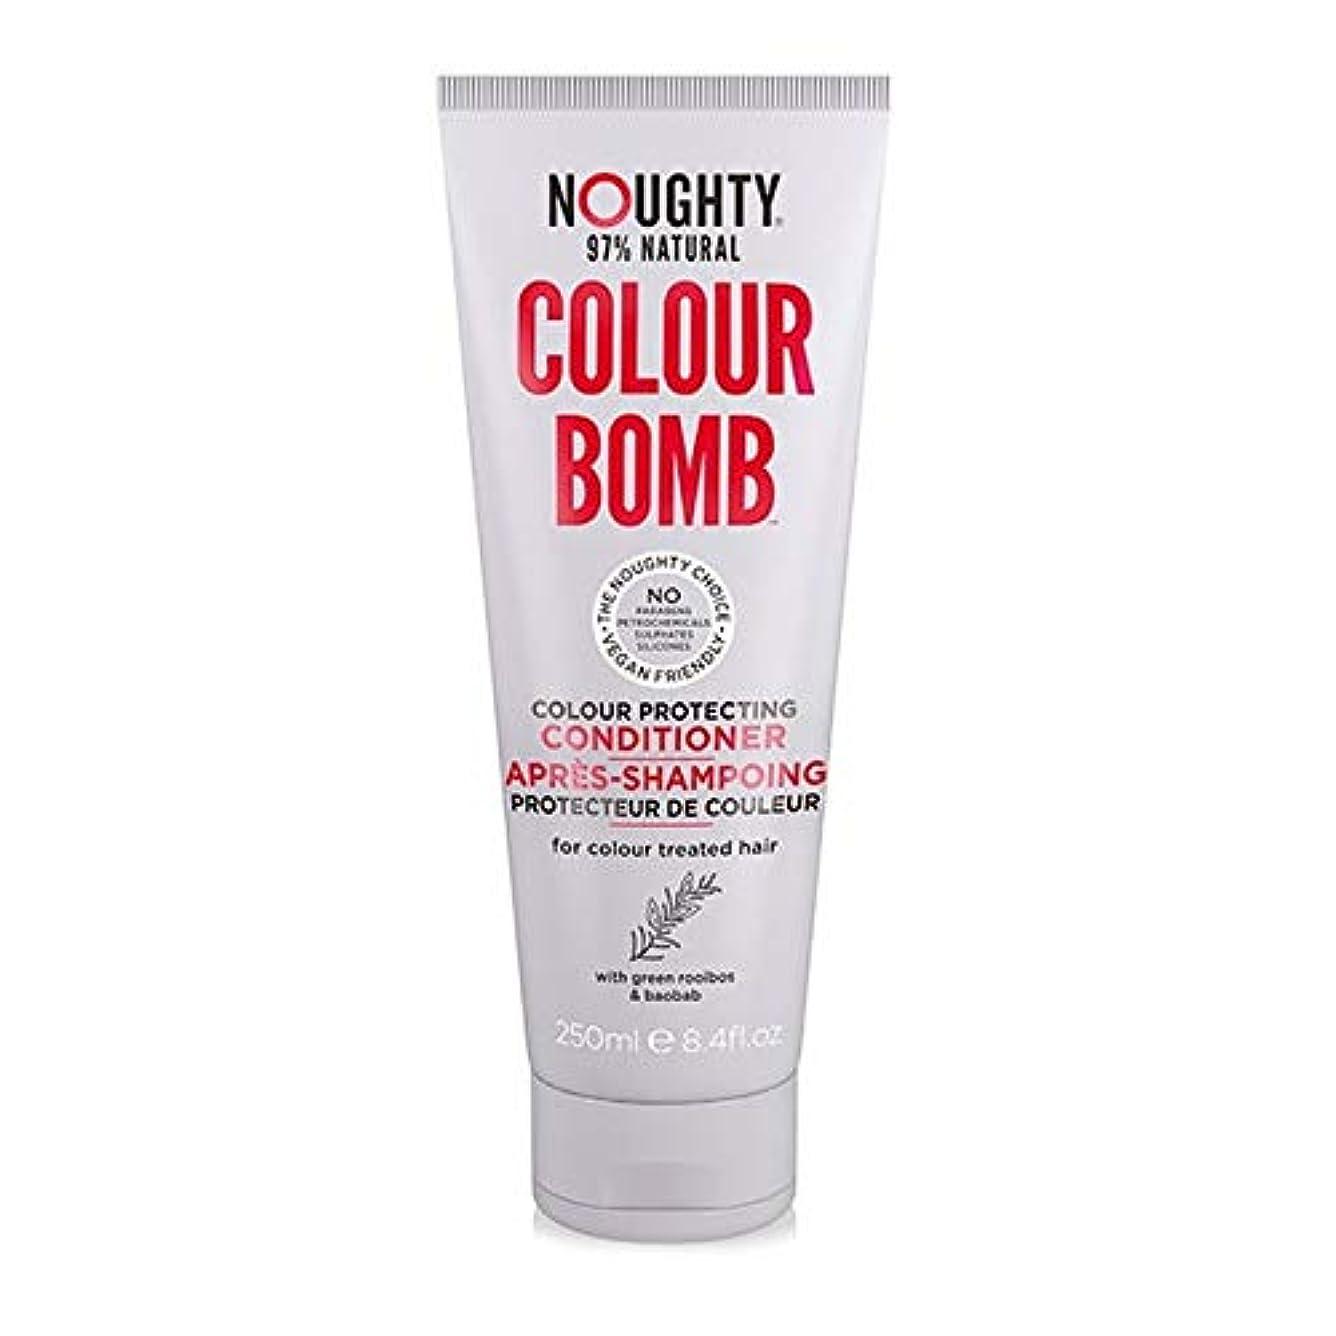 気候の山シェア凝縮する[Noughty] コンディショナー250Mlを保護Noughtyカラー爆弾の色 - Noughty Colour Bomb Colour Protecting Conditioner 250ml [並行輸入品]